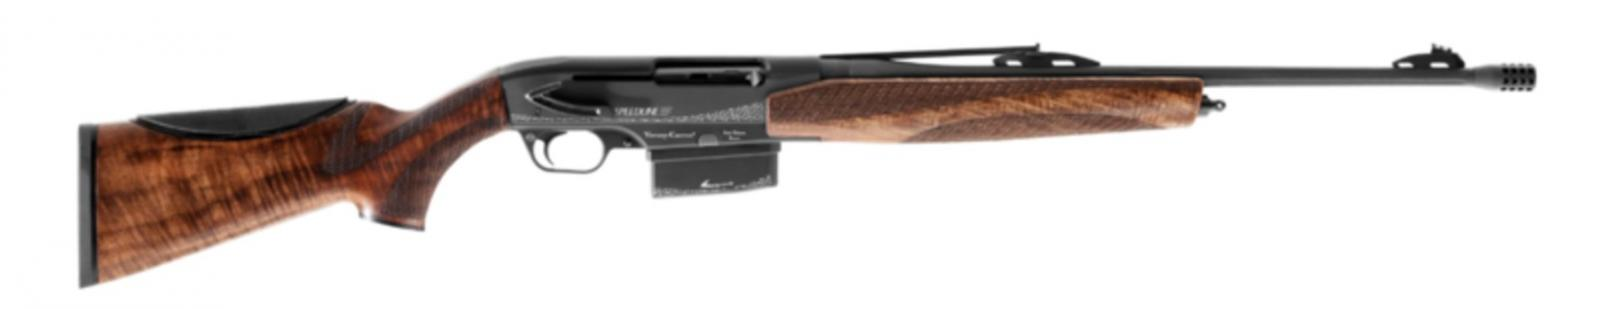 Carabine VERNEY CARRON SPEEDLINE Cal 30-06